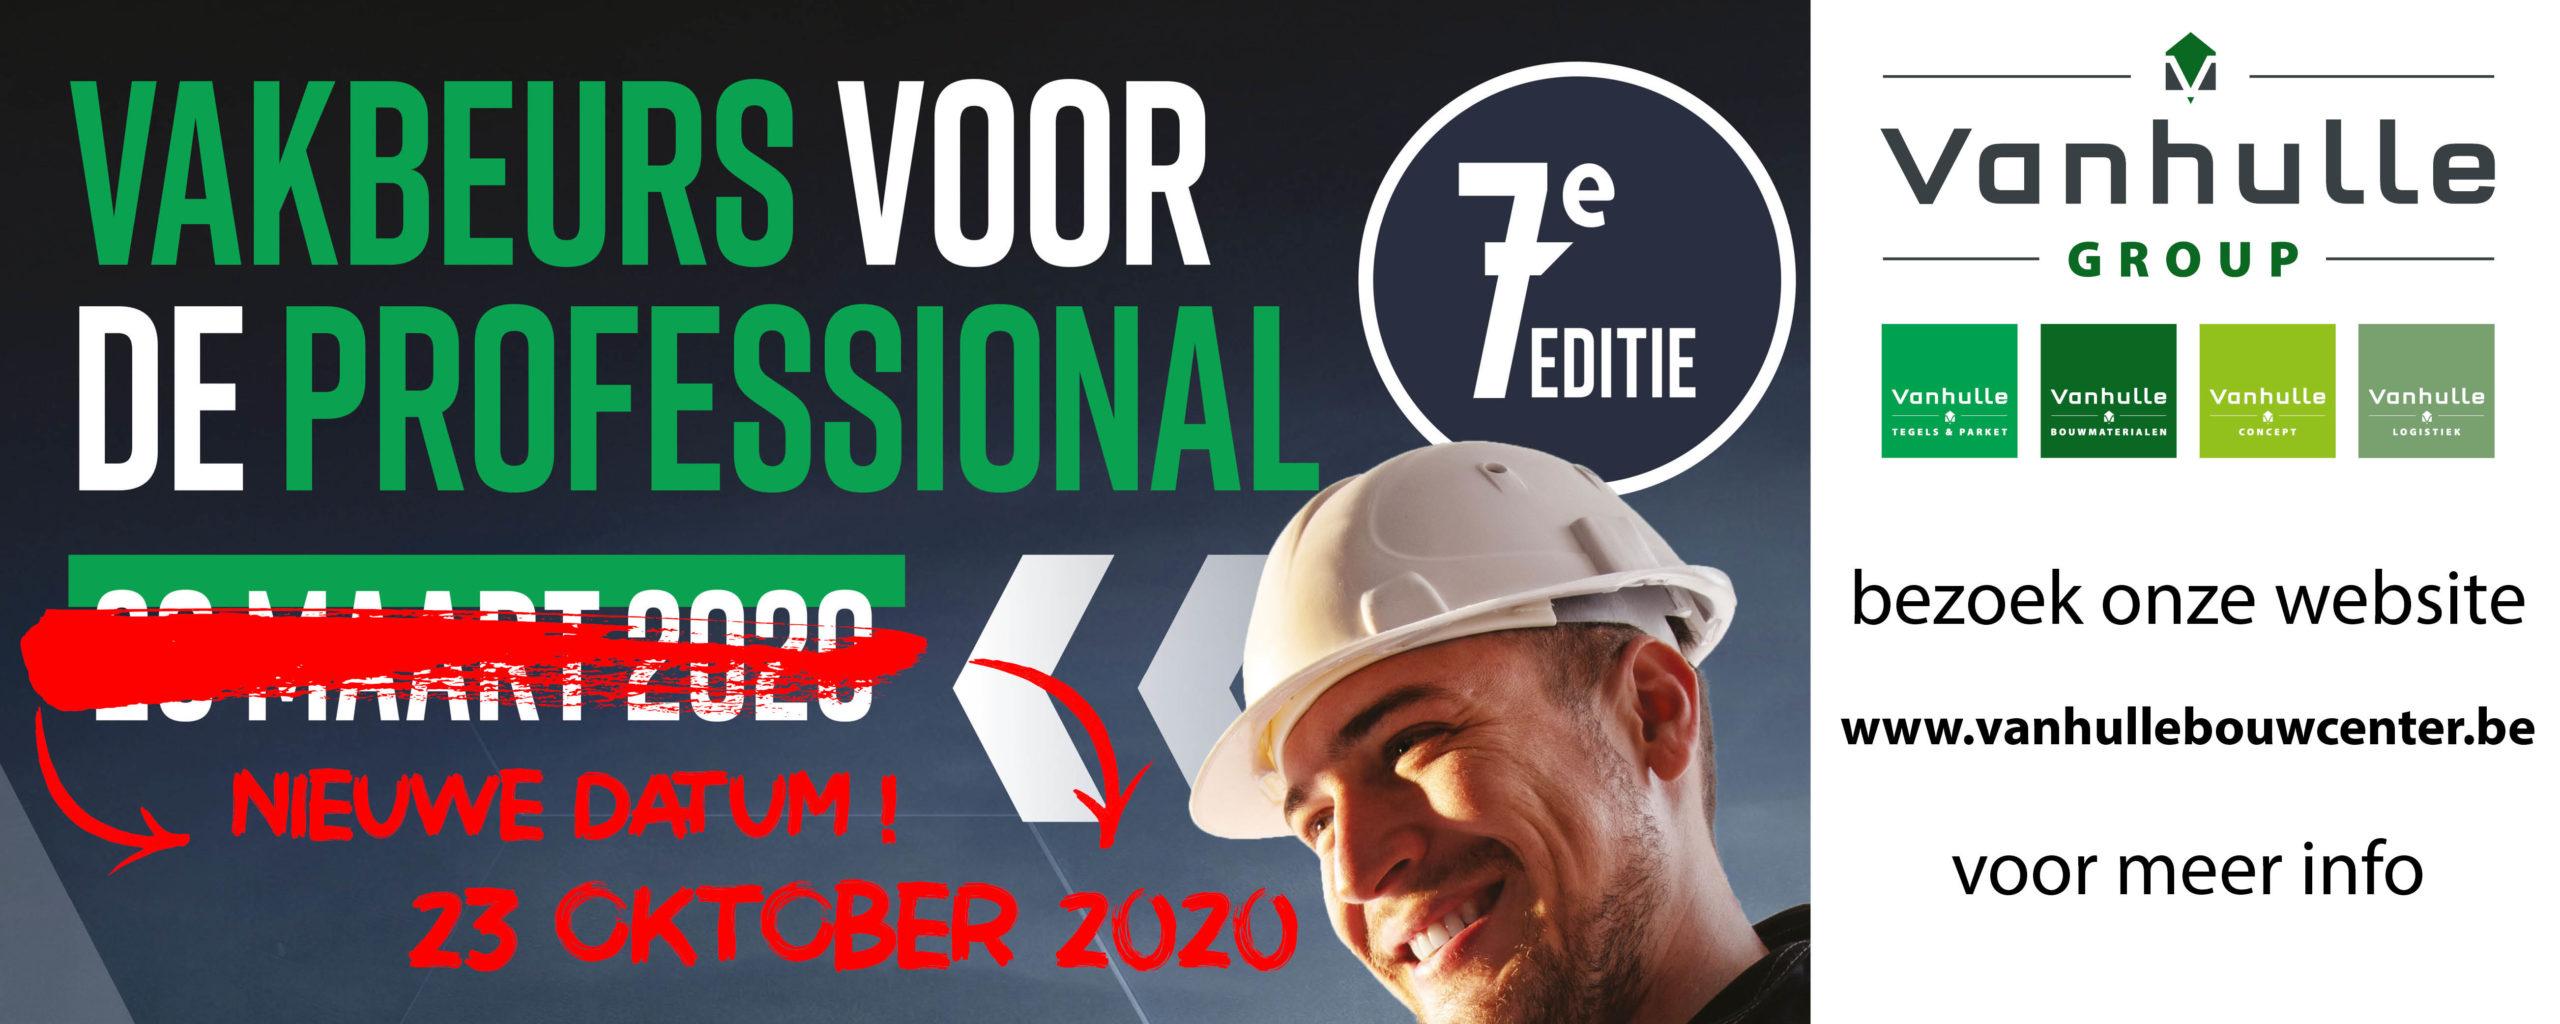 Vakbeurs voor de professional – verplaatst naar 23/10/2020